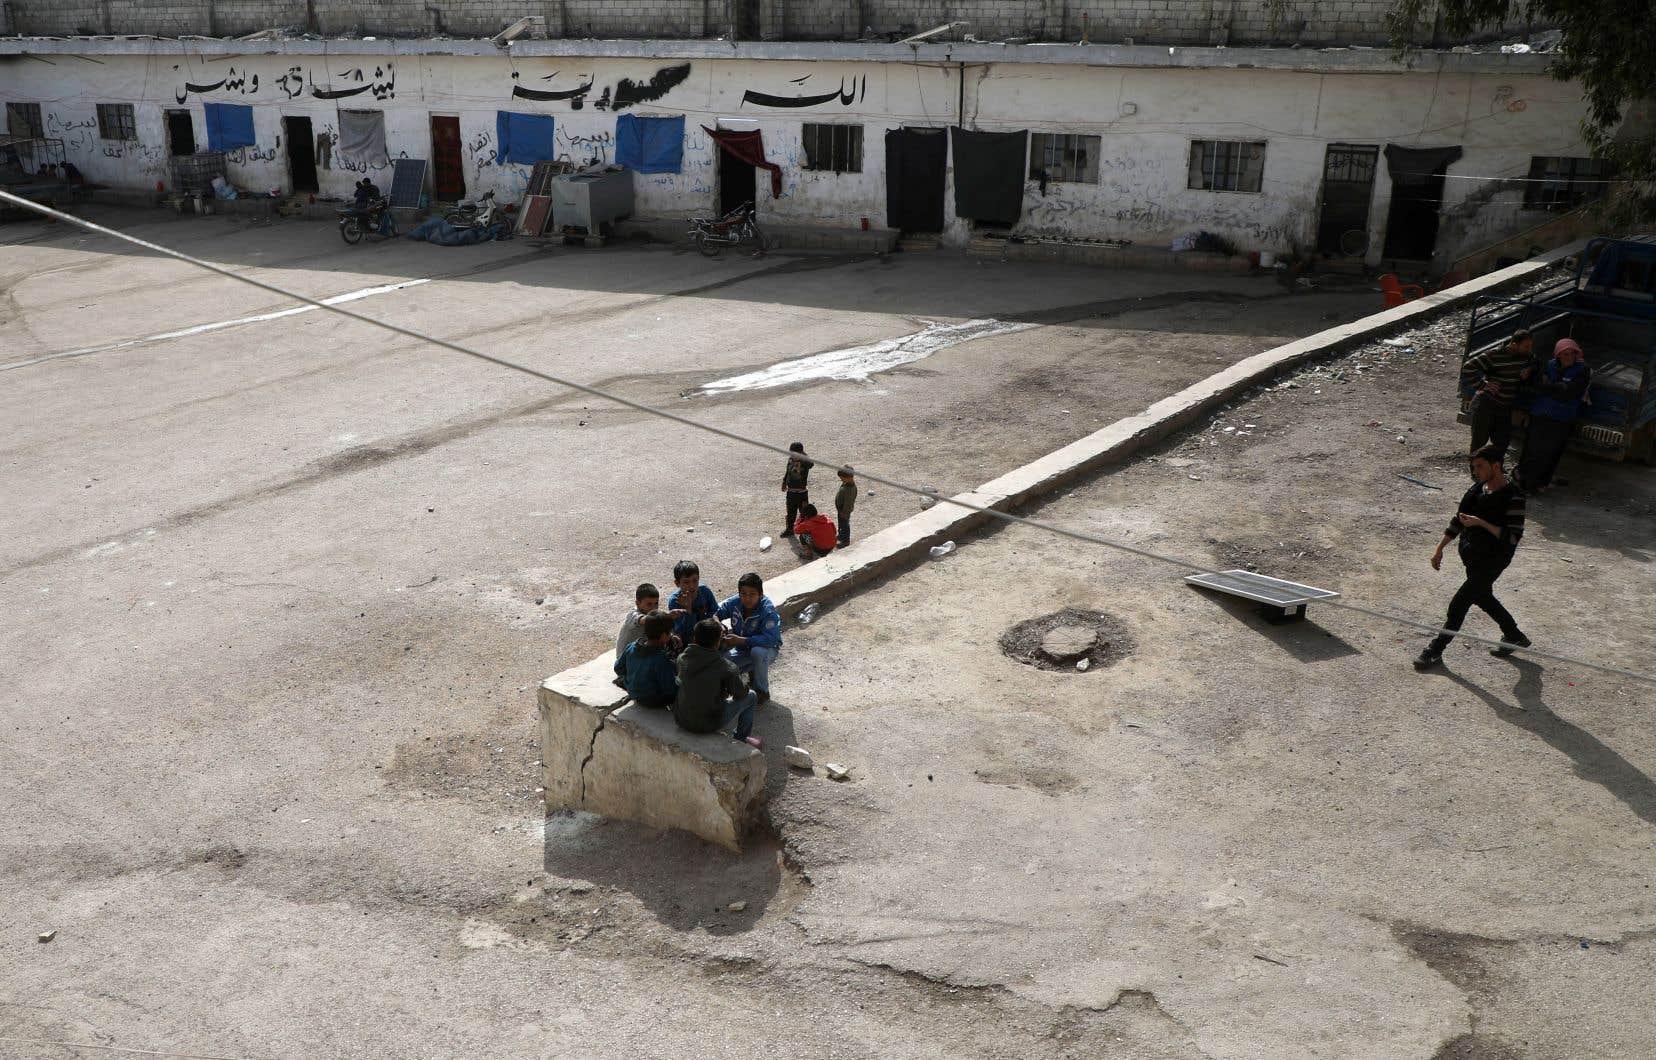 Human Rights Watch appelle Ottawa à commencer immédiatement à ramener les détenus au pays — à commencer par les 26 enfants canadiens qui se trouvent dans ces camps. Sur la photo, des enfants syriens déplacés par la guerre jouent dans une ancienne prison reconvertie en abri de fortune.